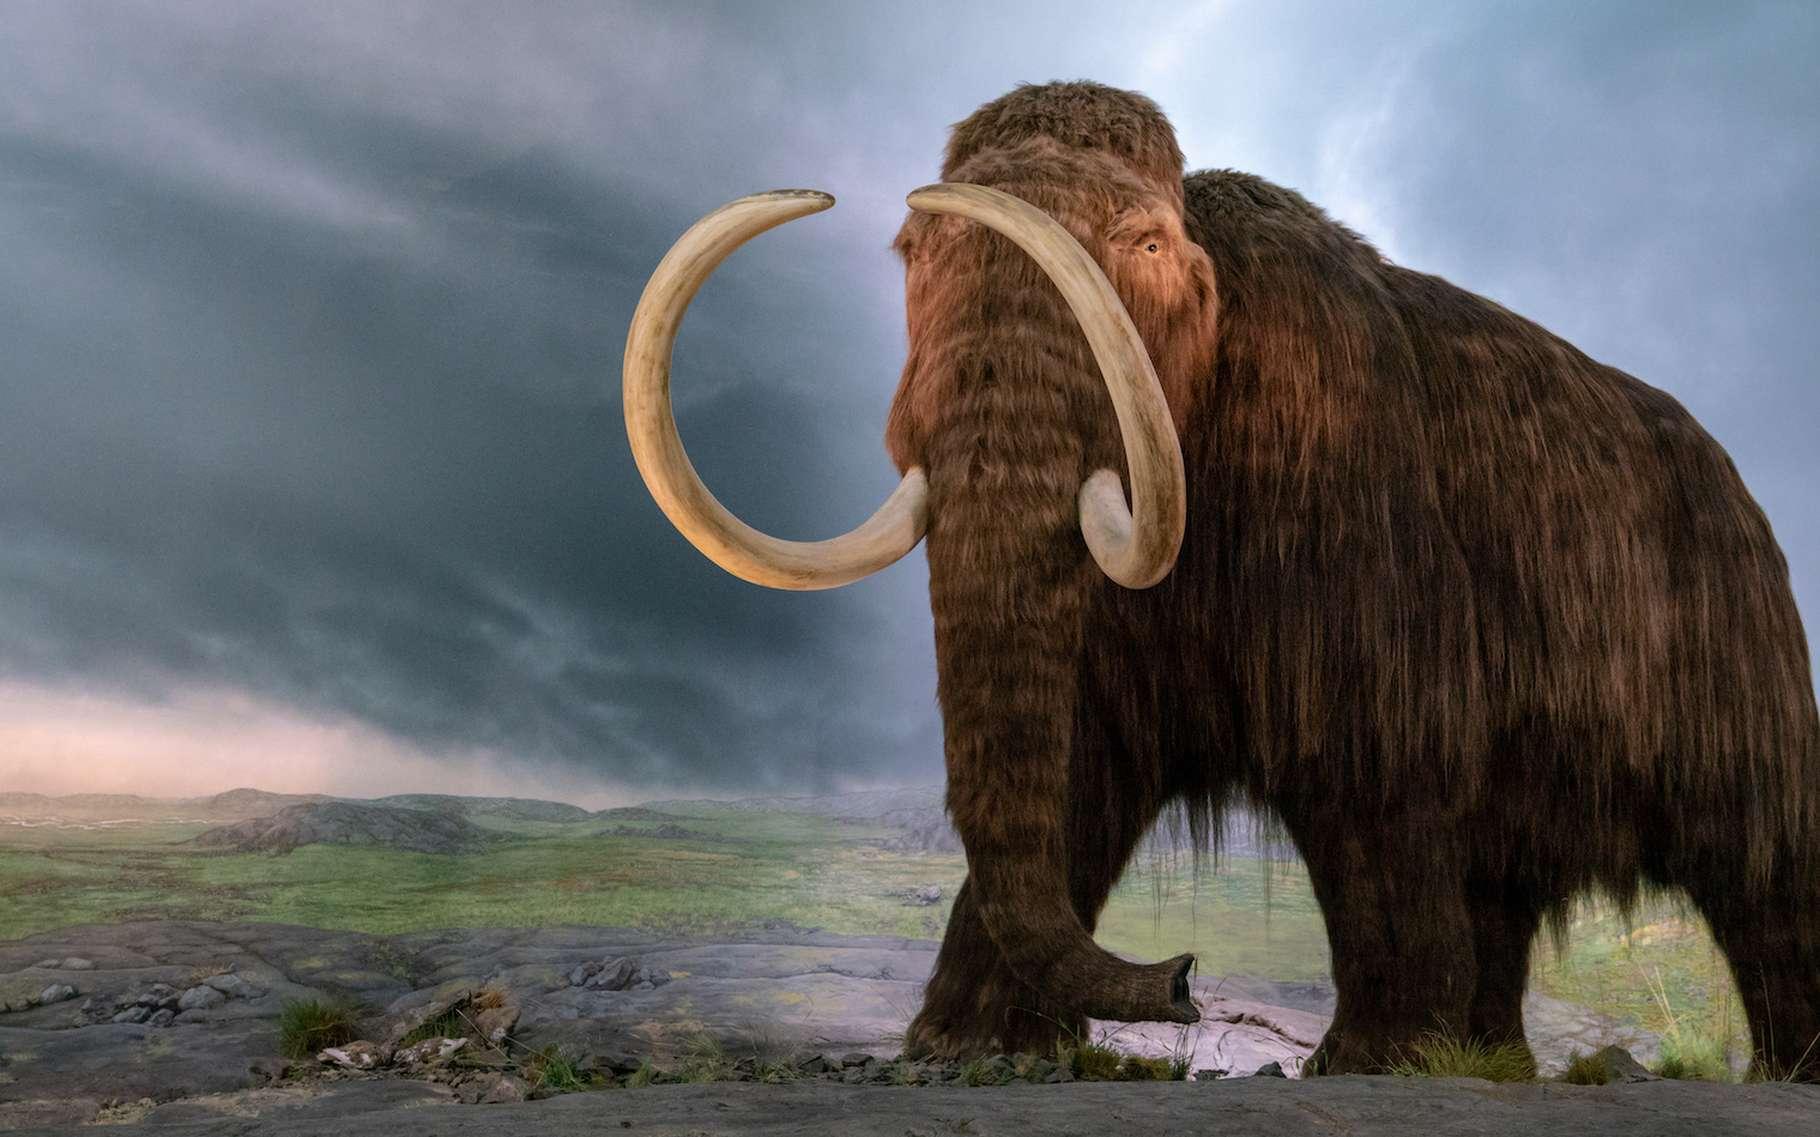 Reverra-t-on bientôt des mammouths laineux du côté de l'Arctique ? C'est en tout cas ce que promet une start-up américaine. © Jayce, Adobe Stock